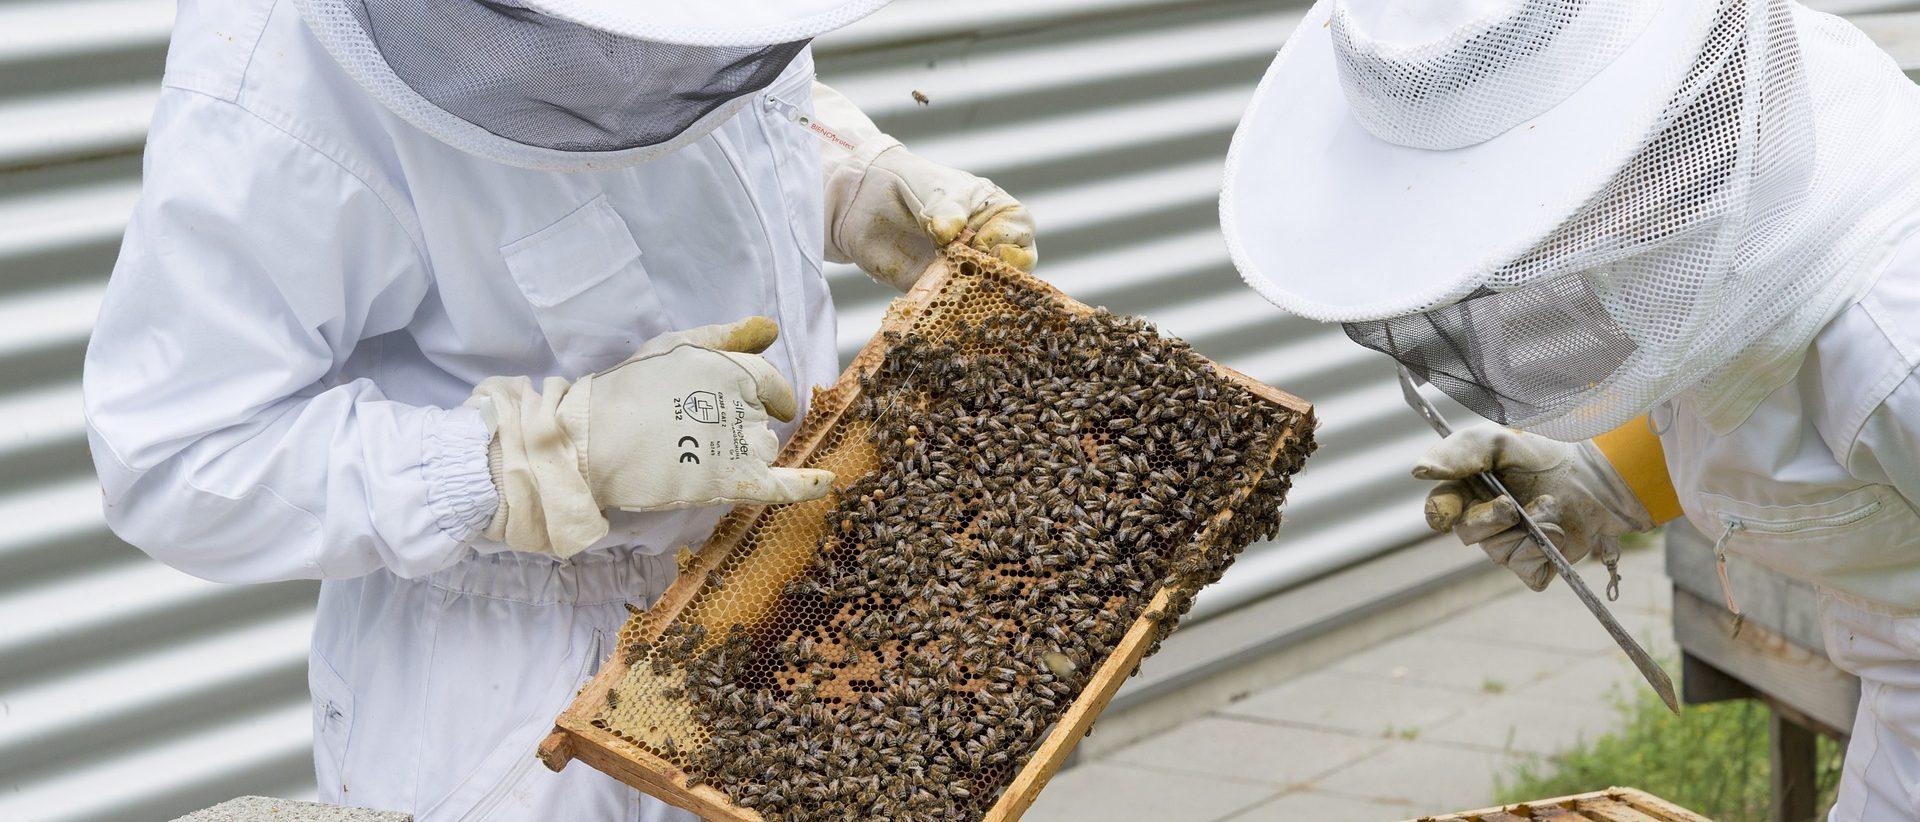 Hunajan keräys ja käsittely